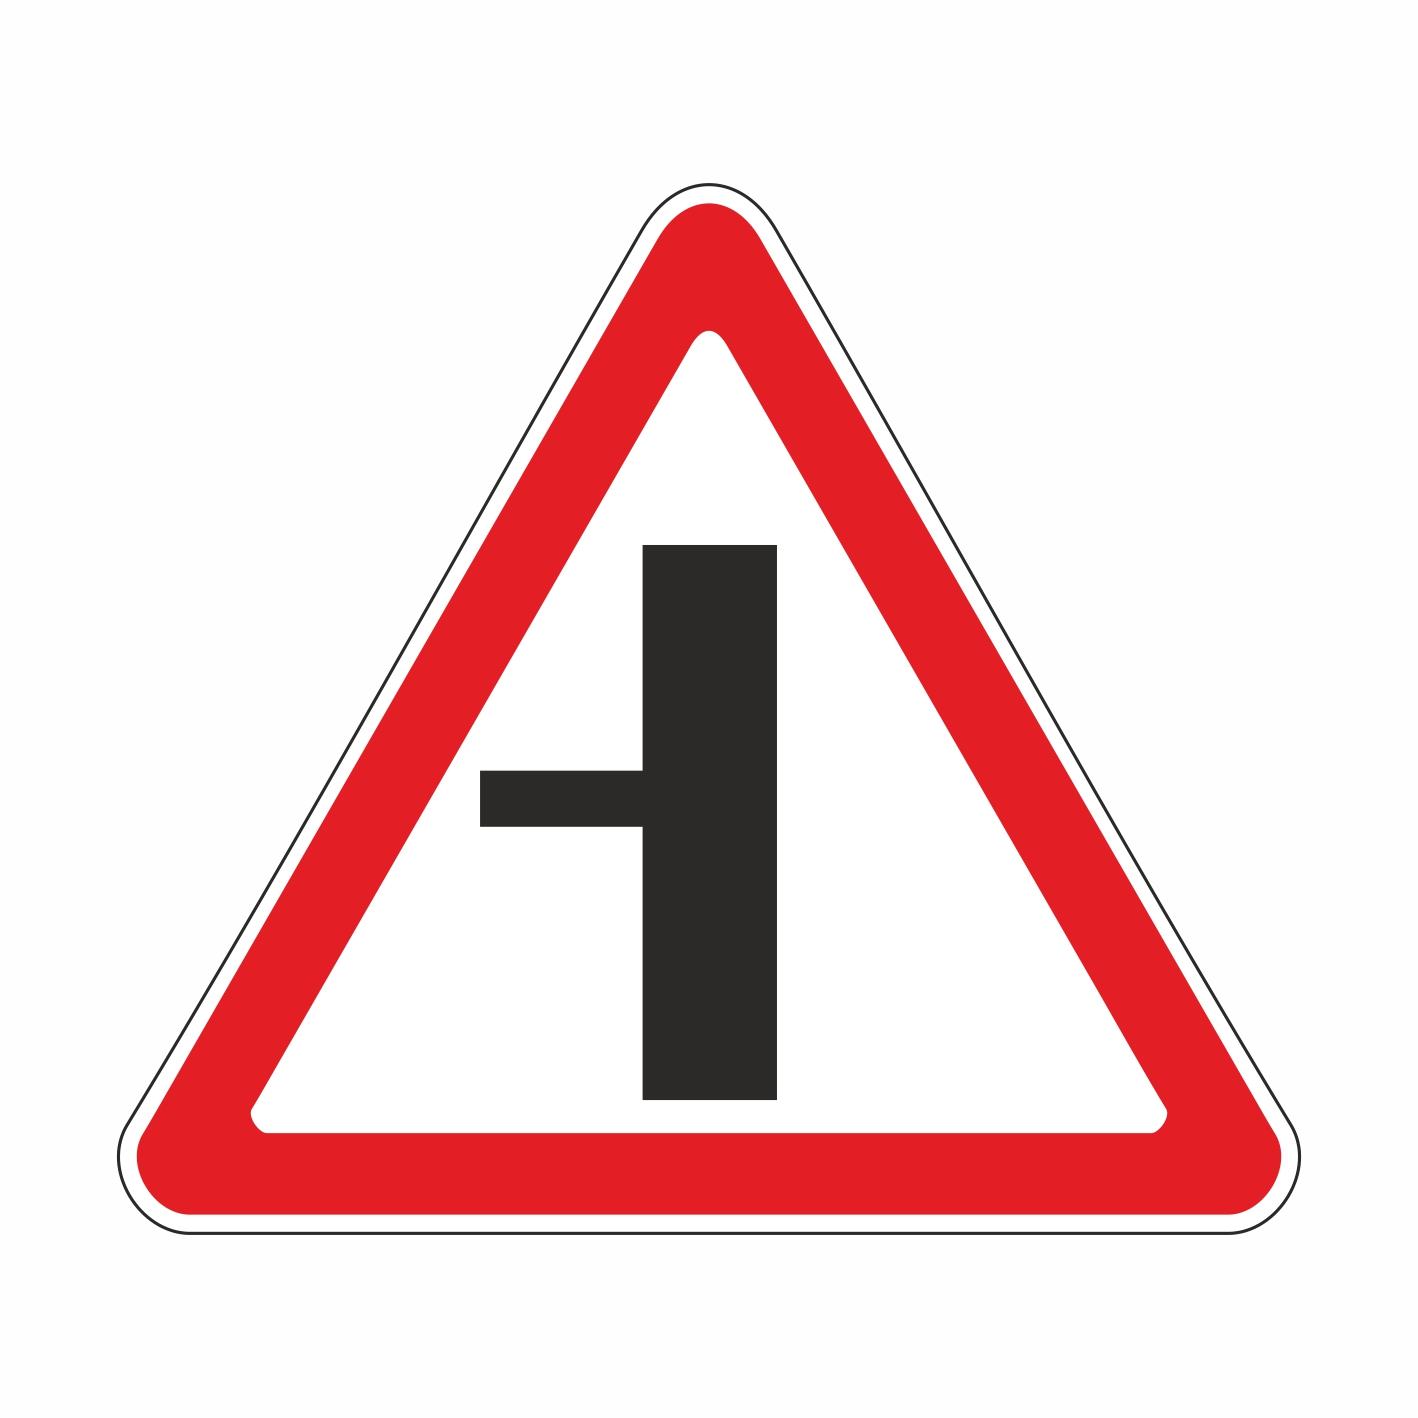 2.3.3 Примыкание второстепенной дороги